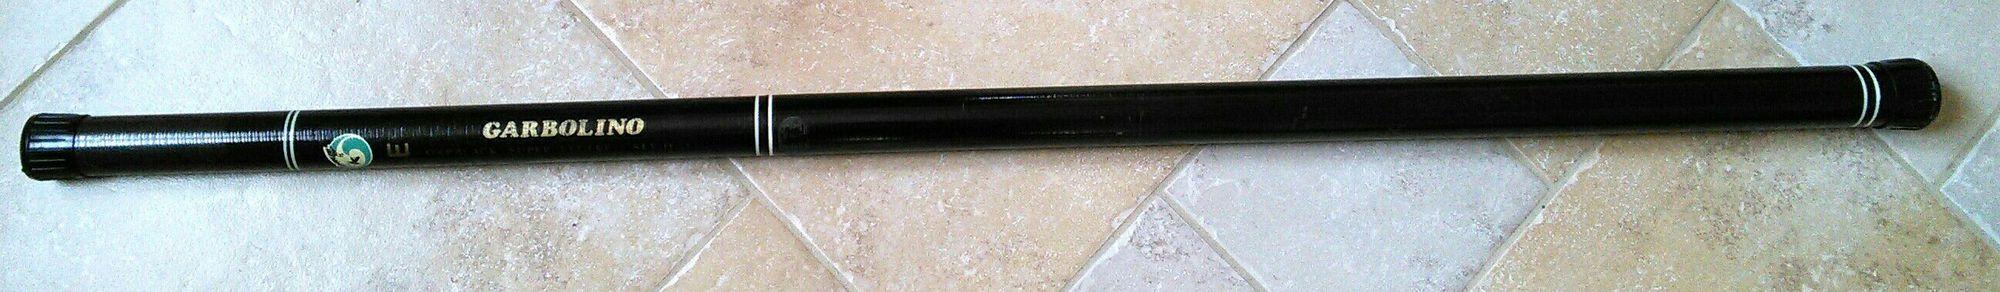 Garbolino Gardblack super légère SLV 11.53 (au coup roubaisien) noire. (5.3/6 m)